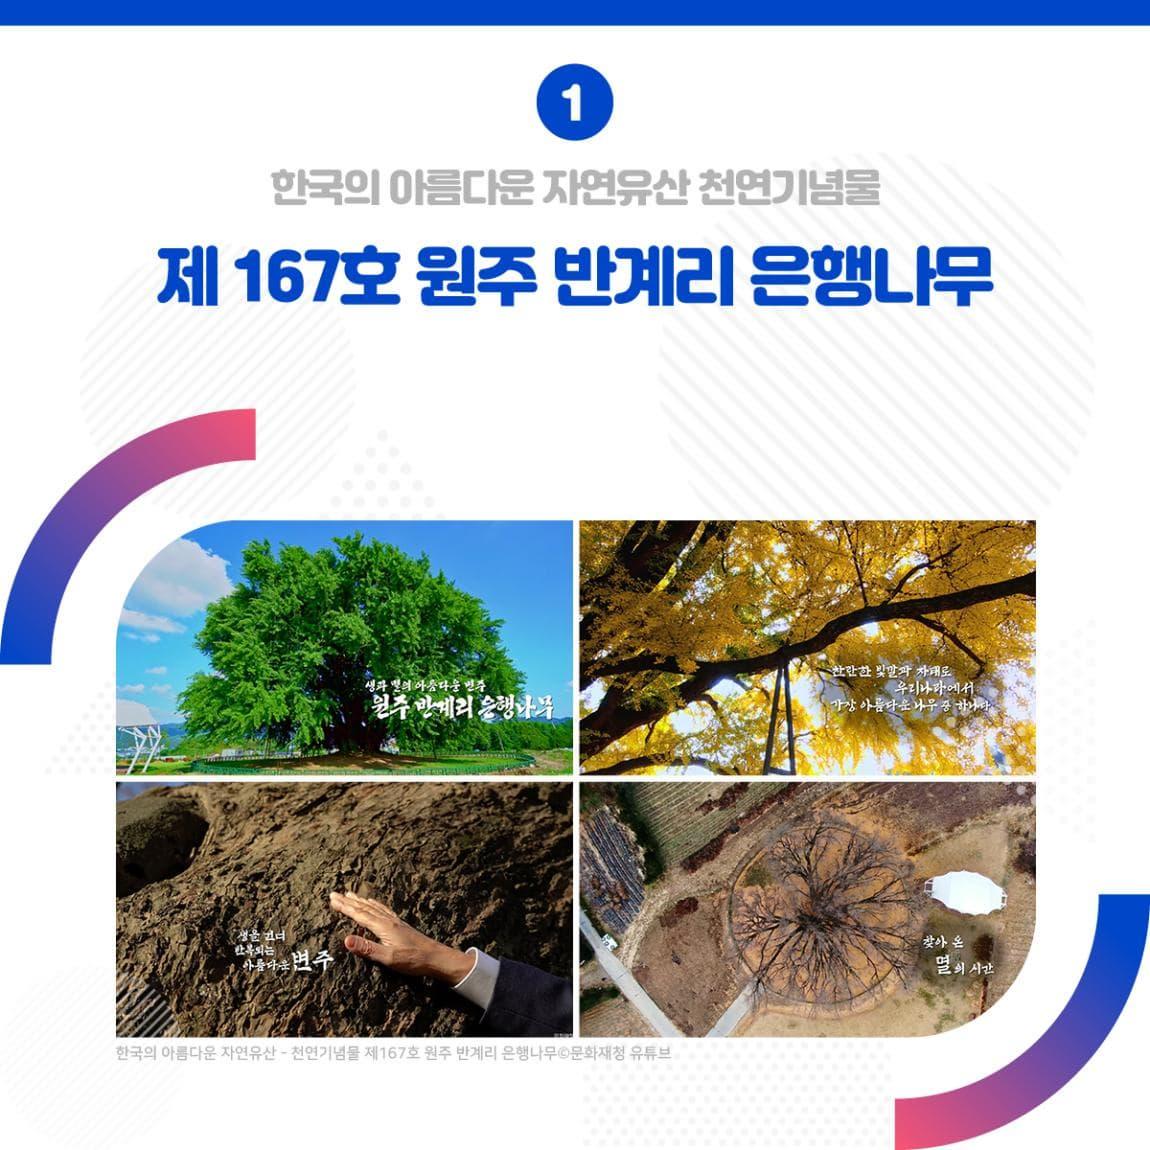 1 한국의 아름다운 자연유산 천연기념물 제167호 원주 반계리 은행나무